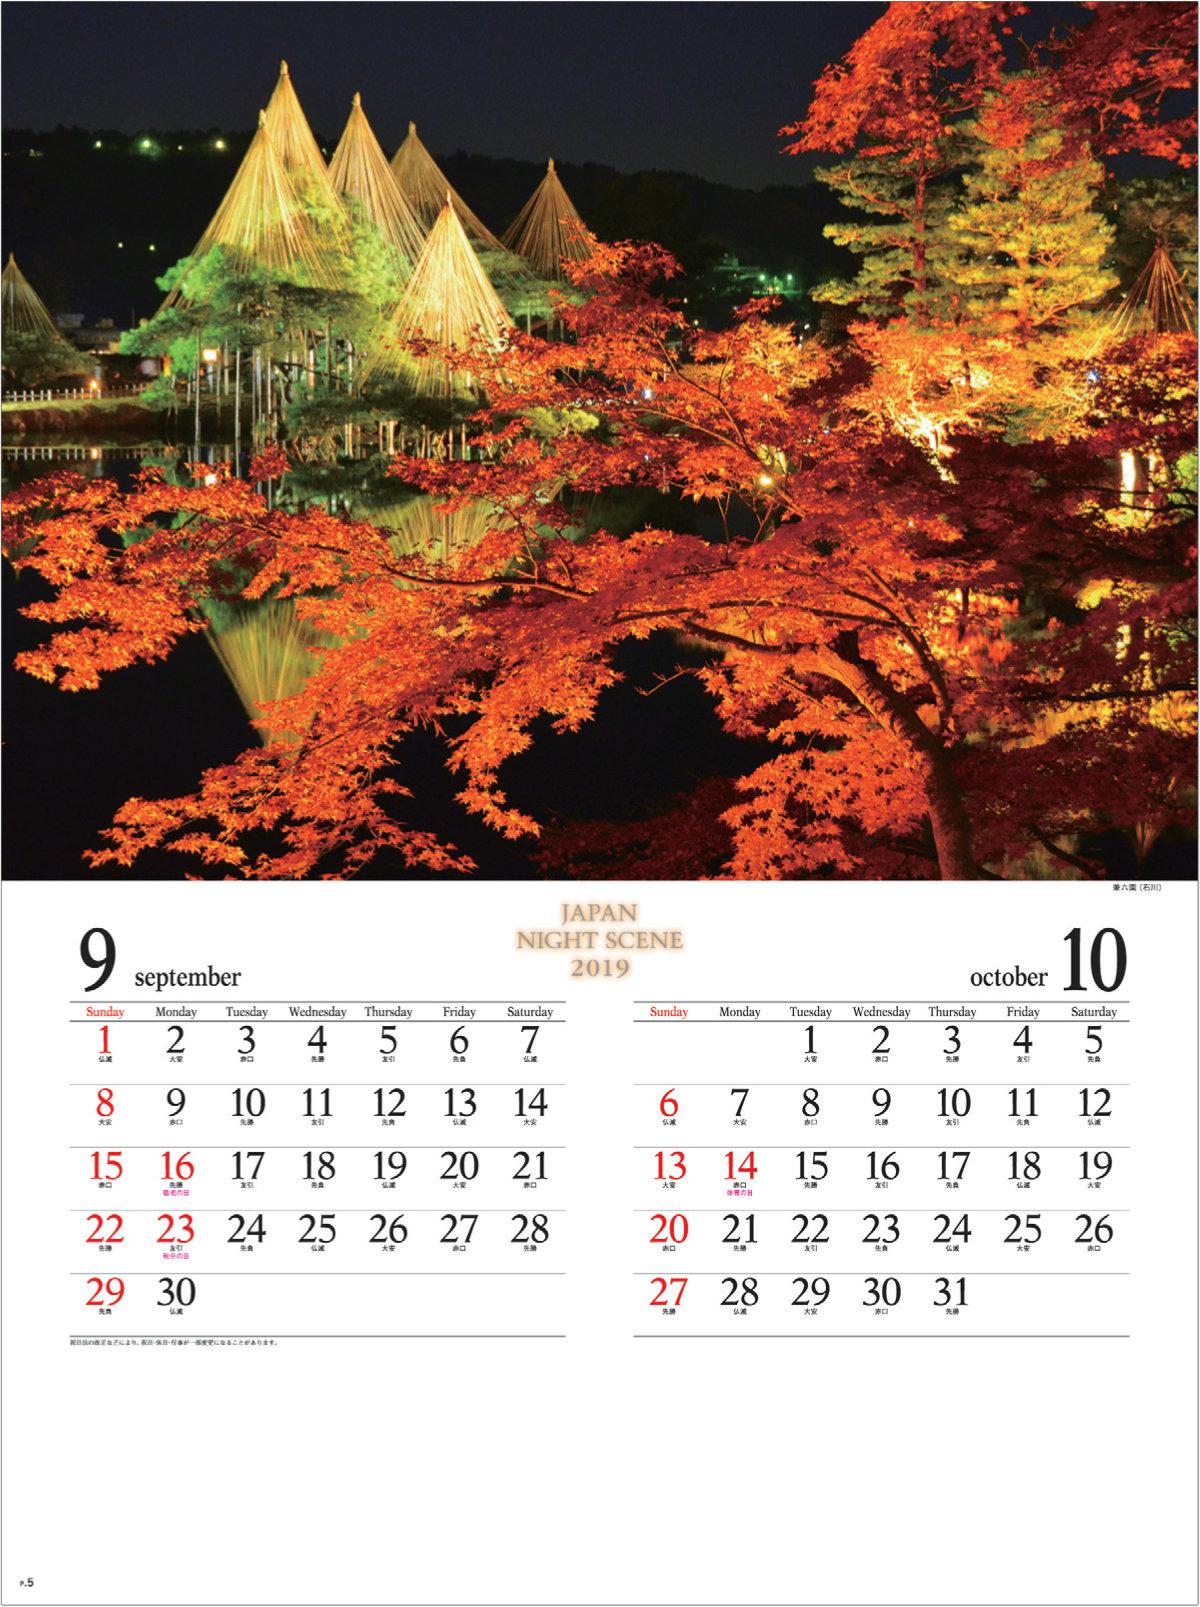 画像:石川県 兼六園の紅葉 ジャパンナイトシーン 2019年カレンダー